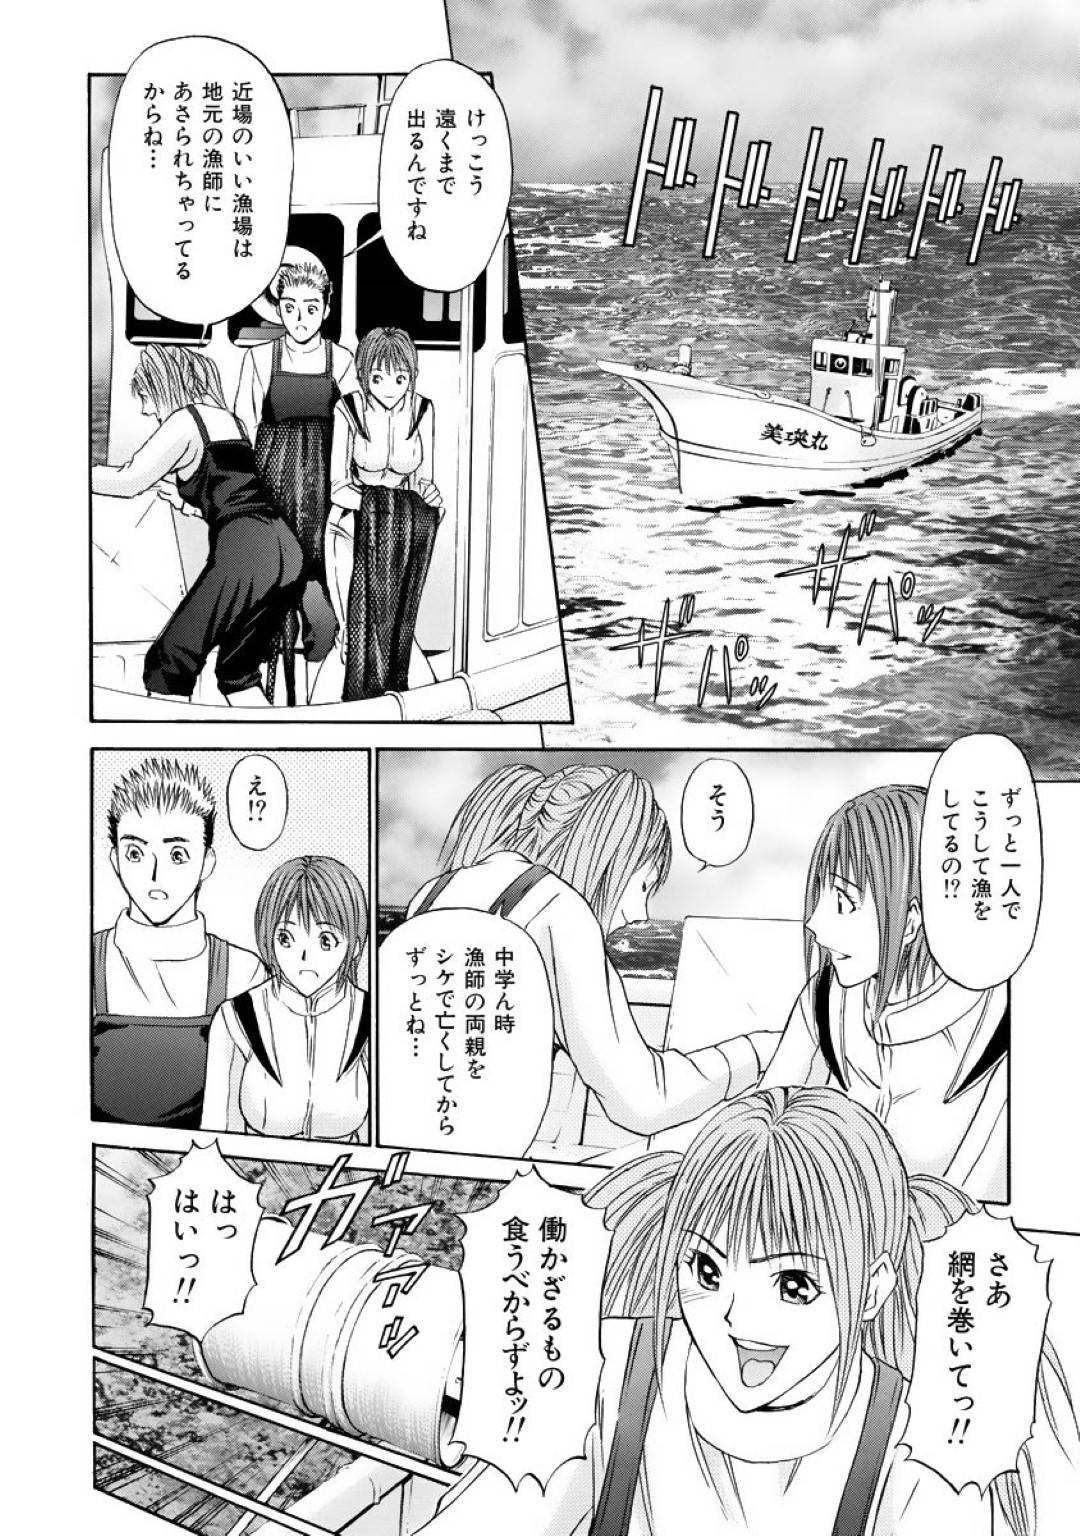 【3Pいちゃラブエロ漫画】稚内についてしまった主人公たちは漁港でカニを獲りに海に出る。漁師の巨乳美女に迫られ彼女と3Pで騎乗位中出しセックスする。【安達拓実】